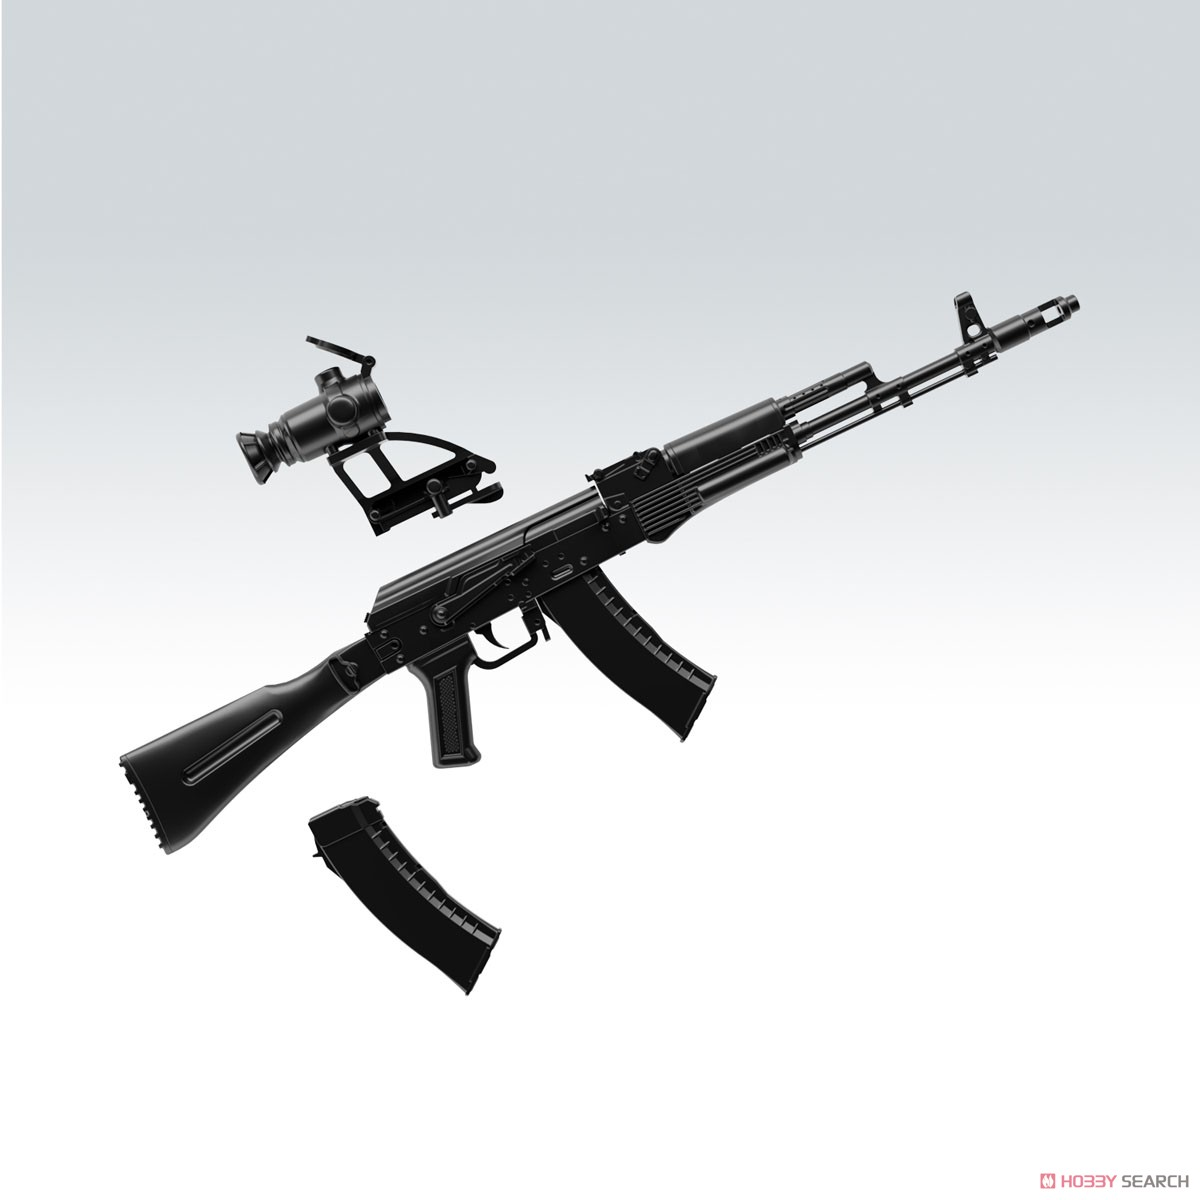 リトルアーモリー LA060『AK74Mタイプ』1/12 プラモデル-002